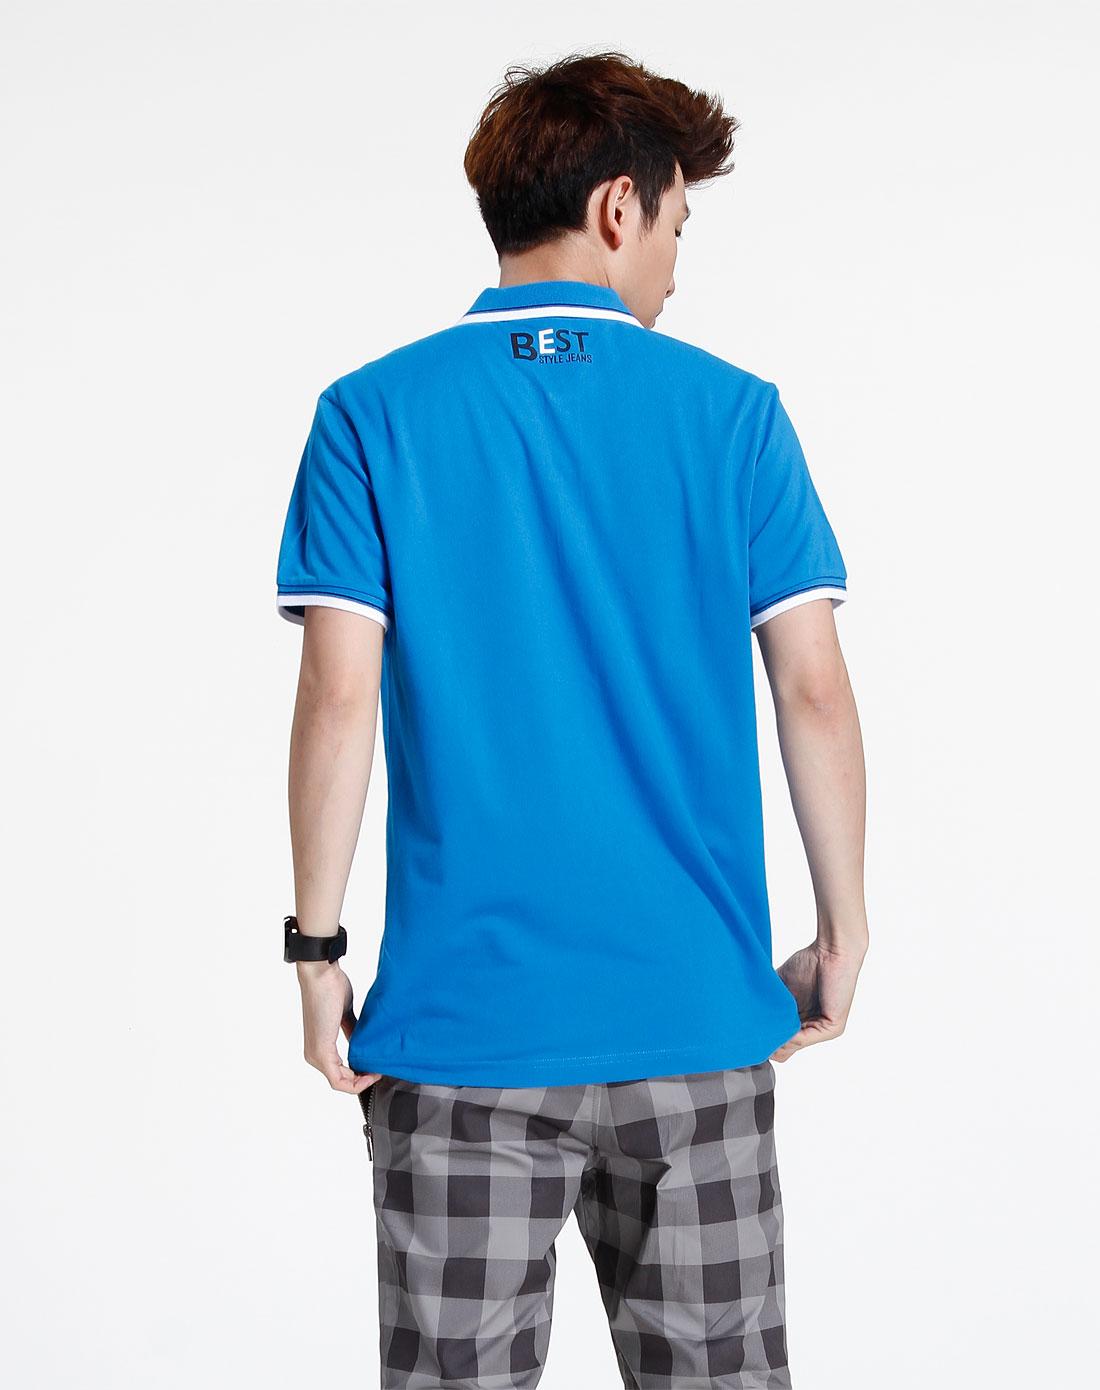 森马-男装-蓝色休闲短袖t恤图片